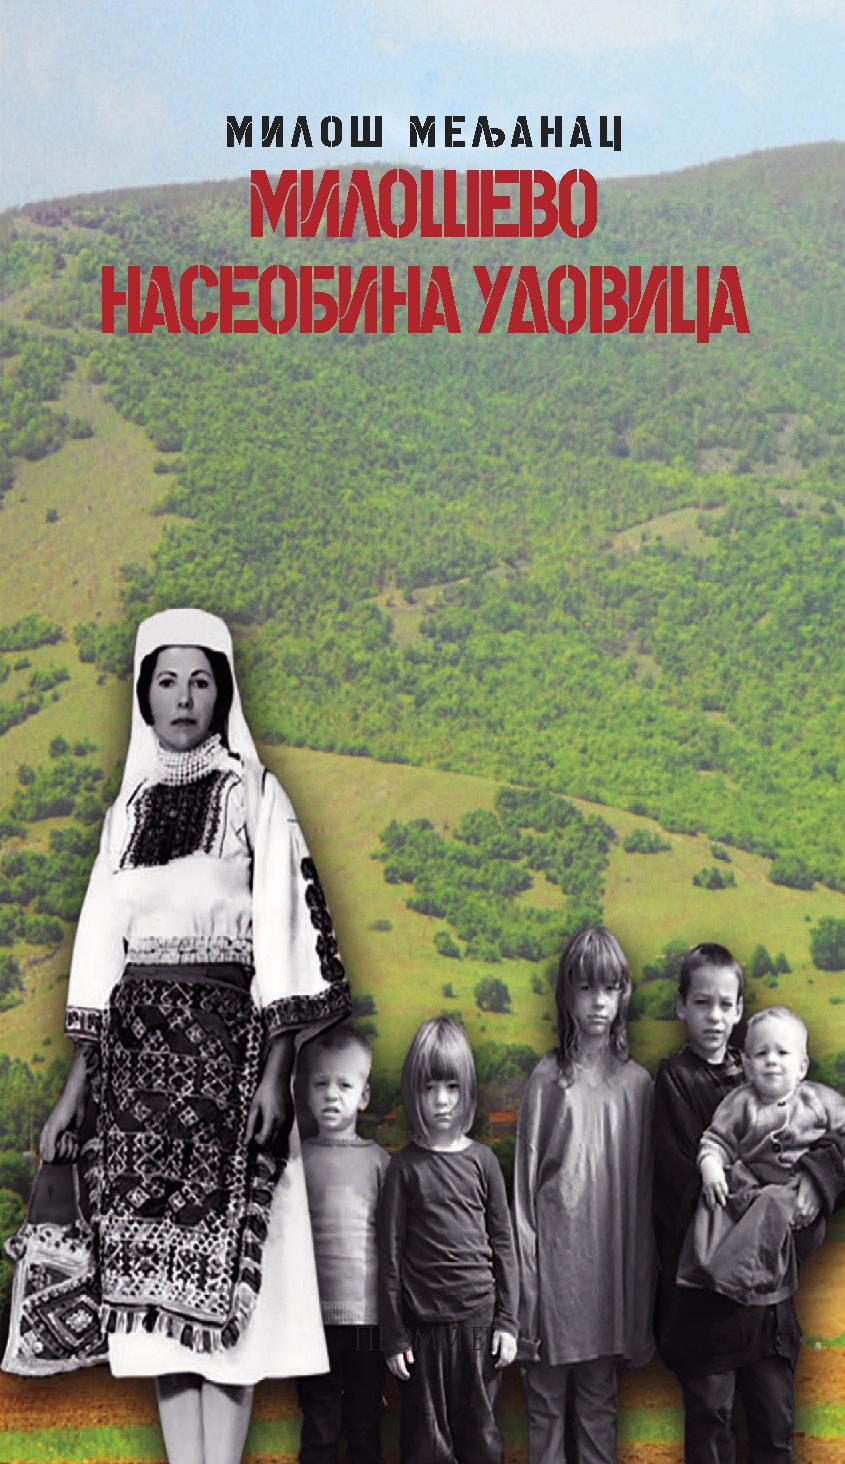 Милошево – насеобина удовица